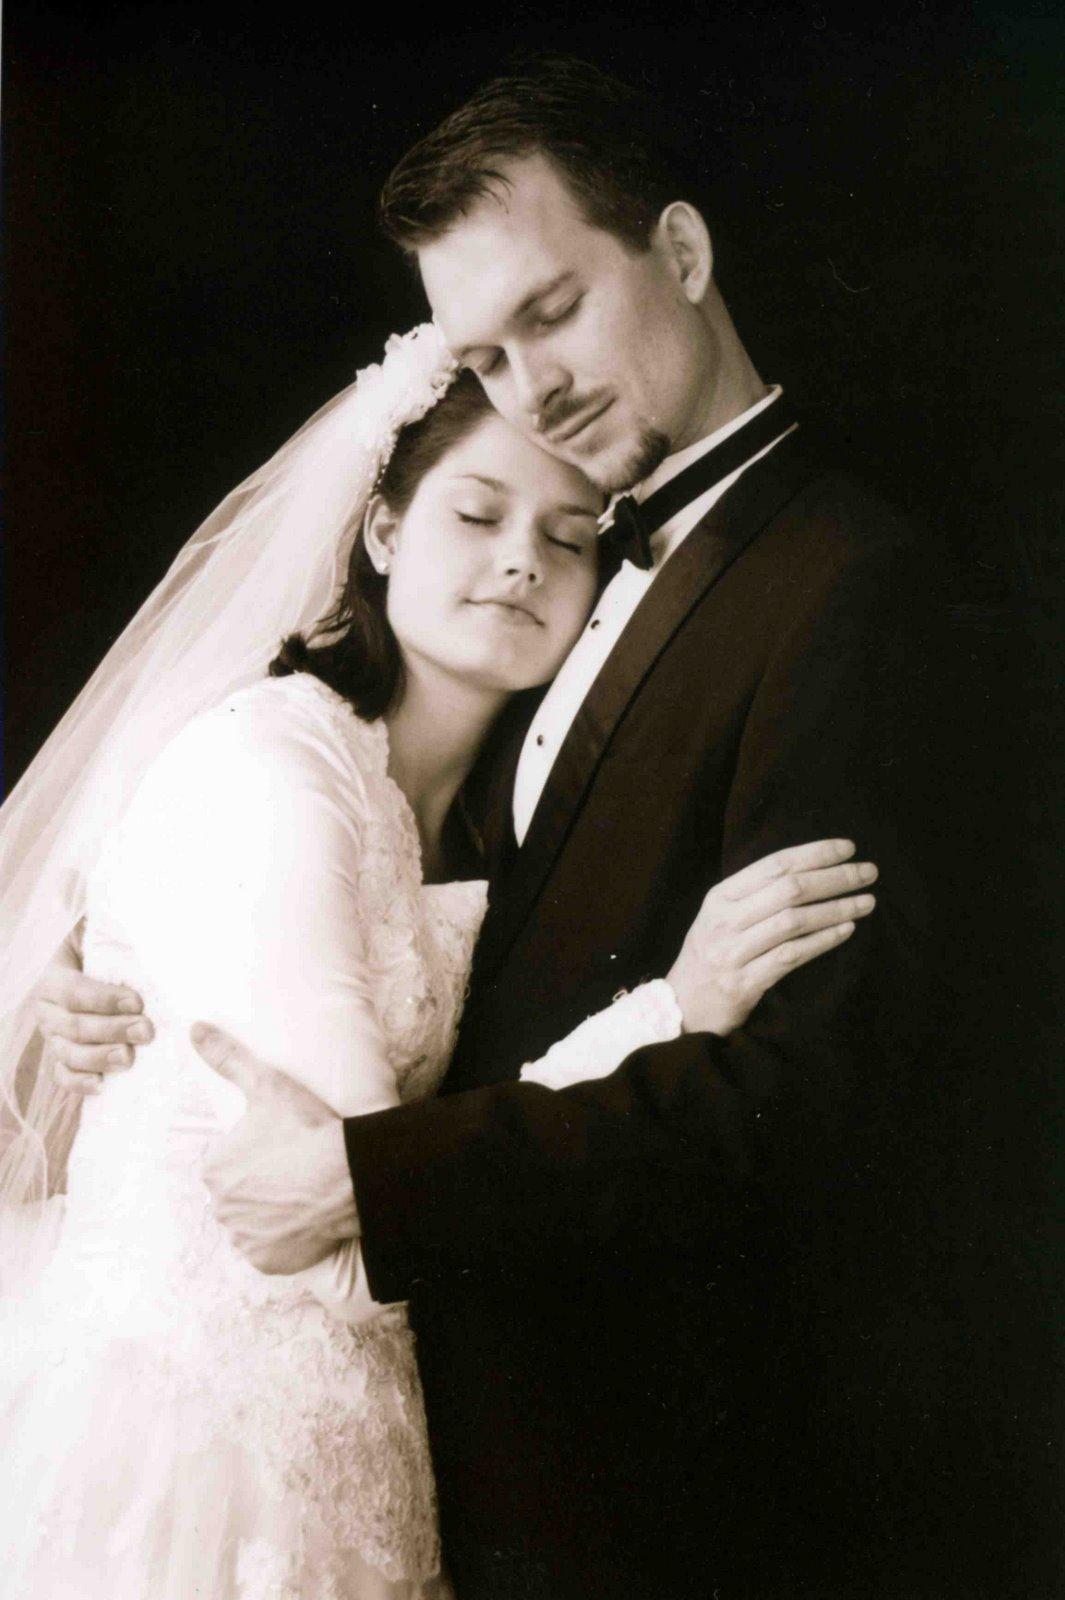 [weddingpictures002.jpg]